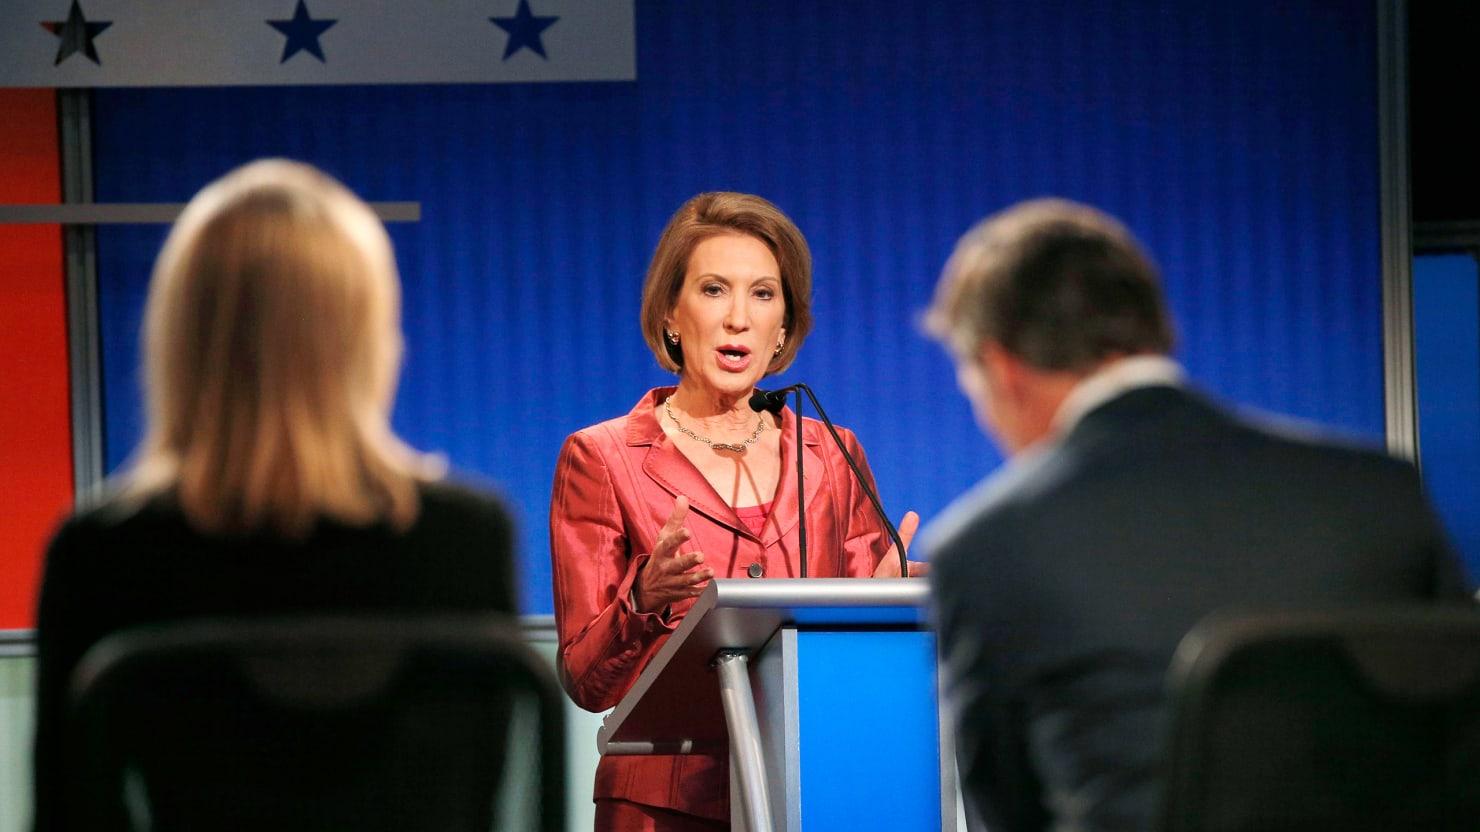 Carly Fiorina Dominates First GOP Debate